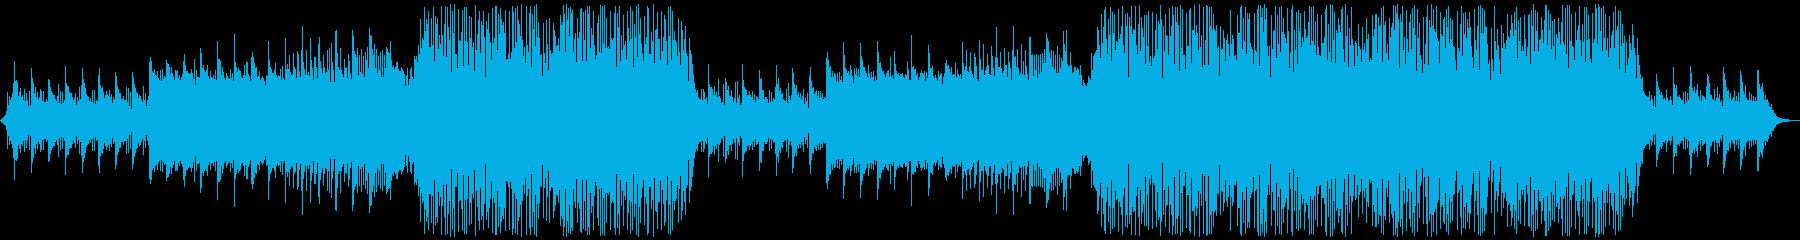 しっとり力強いアミューズメントなEDMの再生済みの波形